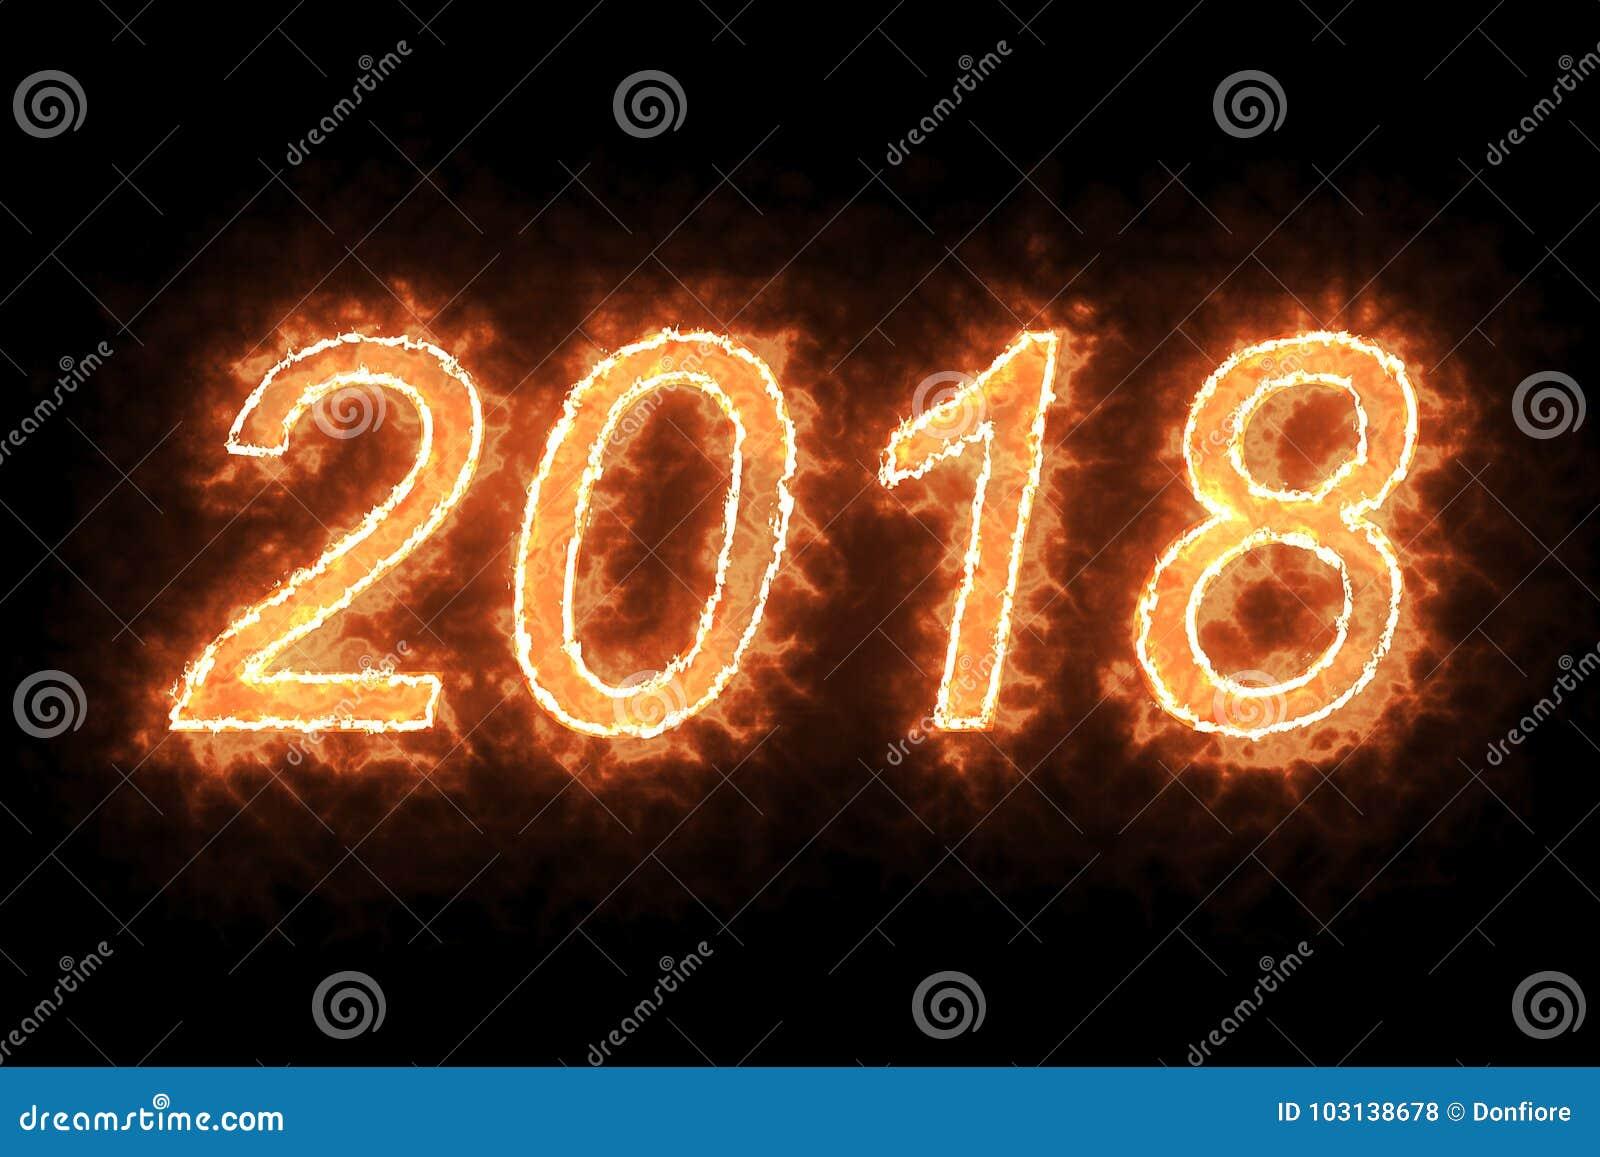 Le feu 2018 brûlant expriment le texte avec la flamme et fument en feu sur le fond noir avec le canal alpha, concept de bonne ann